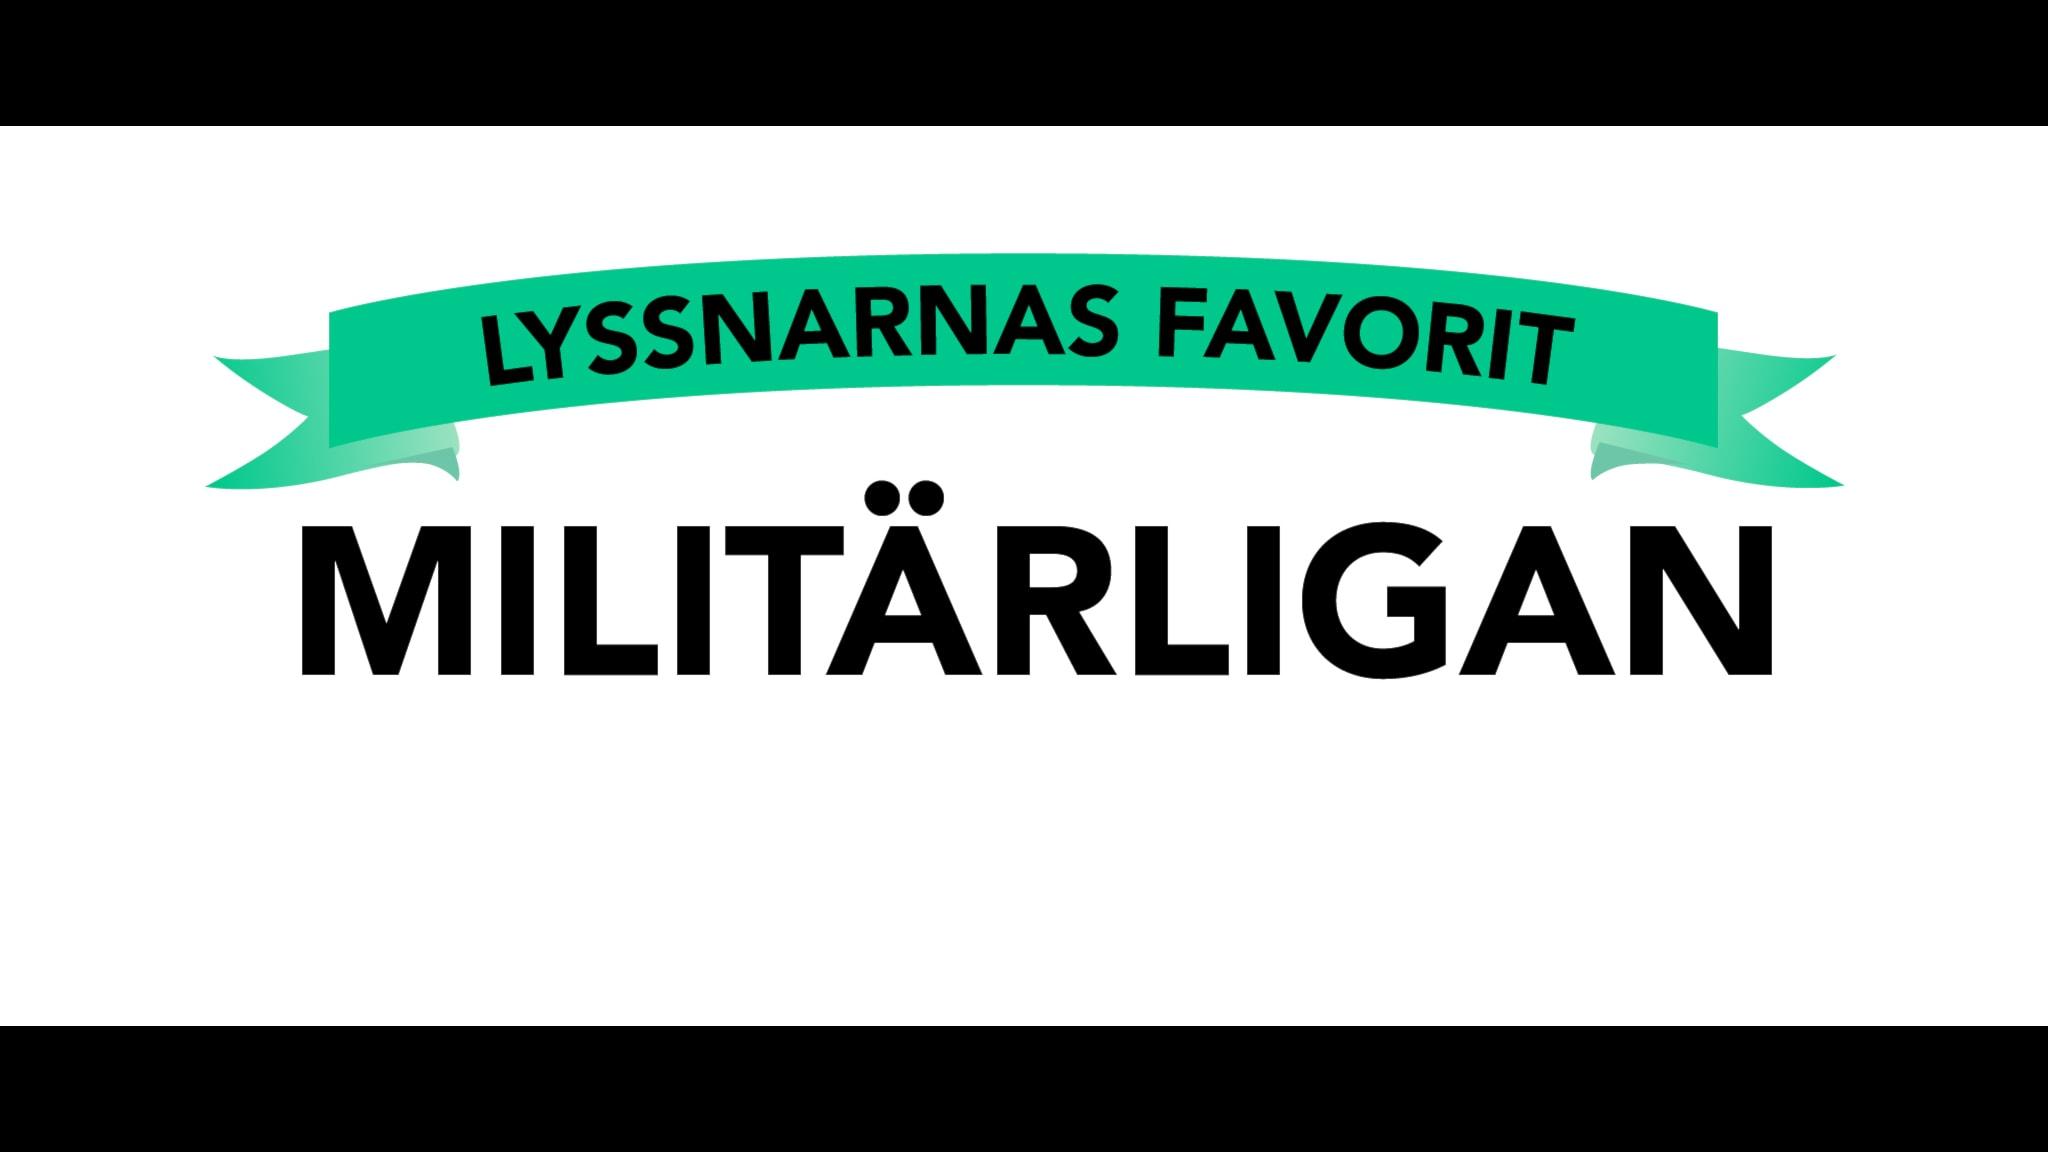 Lyssnarnas favorit: Militärligan.